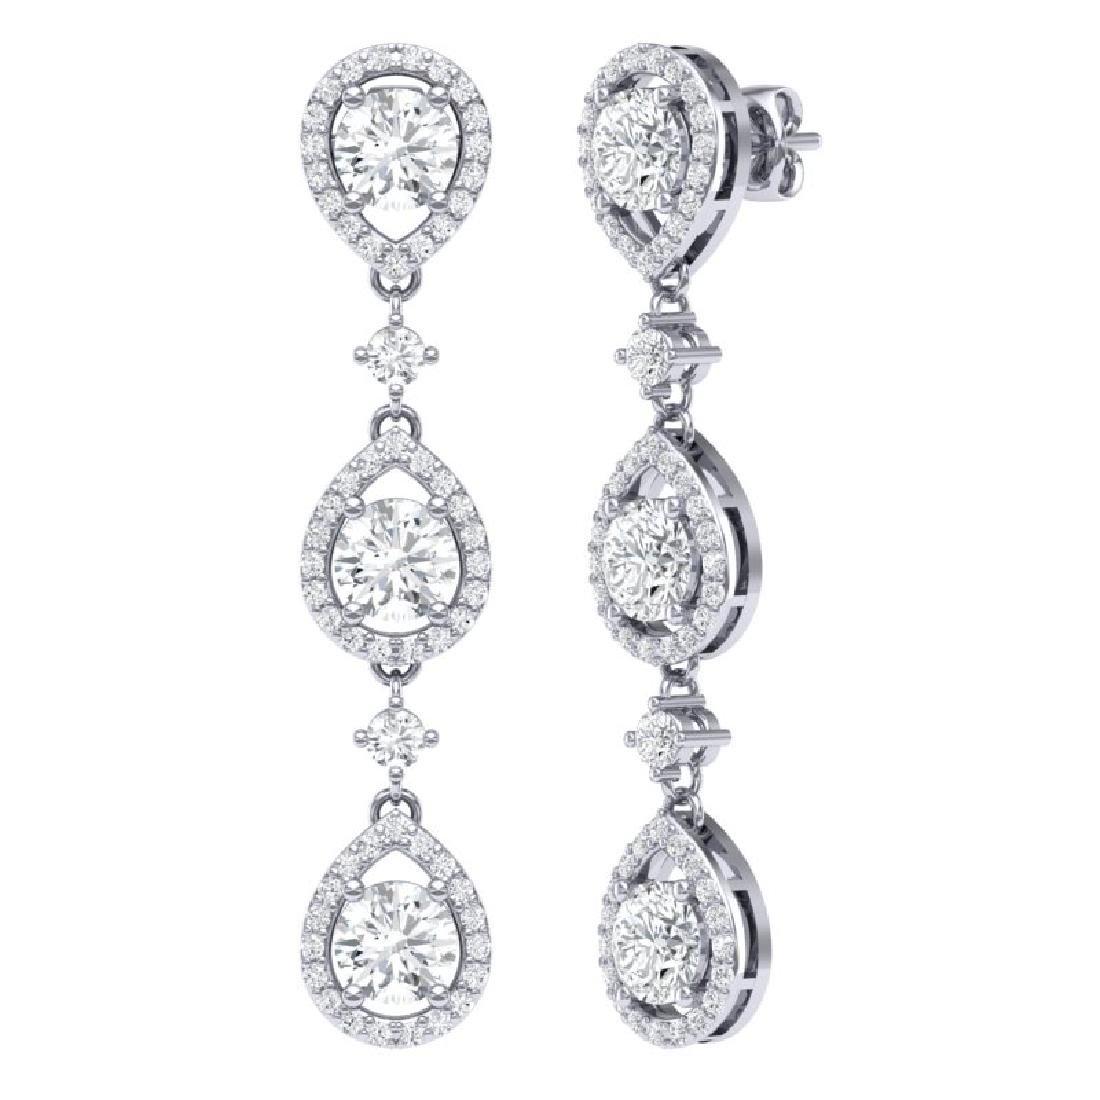 4.45 CTW Royalty Designer VS/SI Diamond Earrings 18K - 3